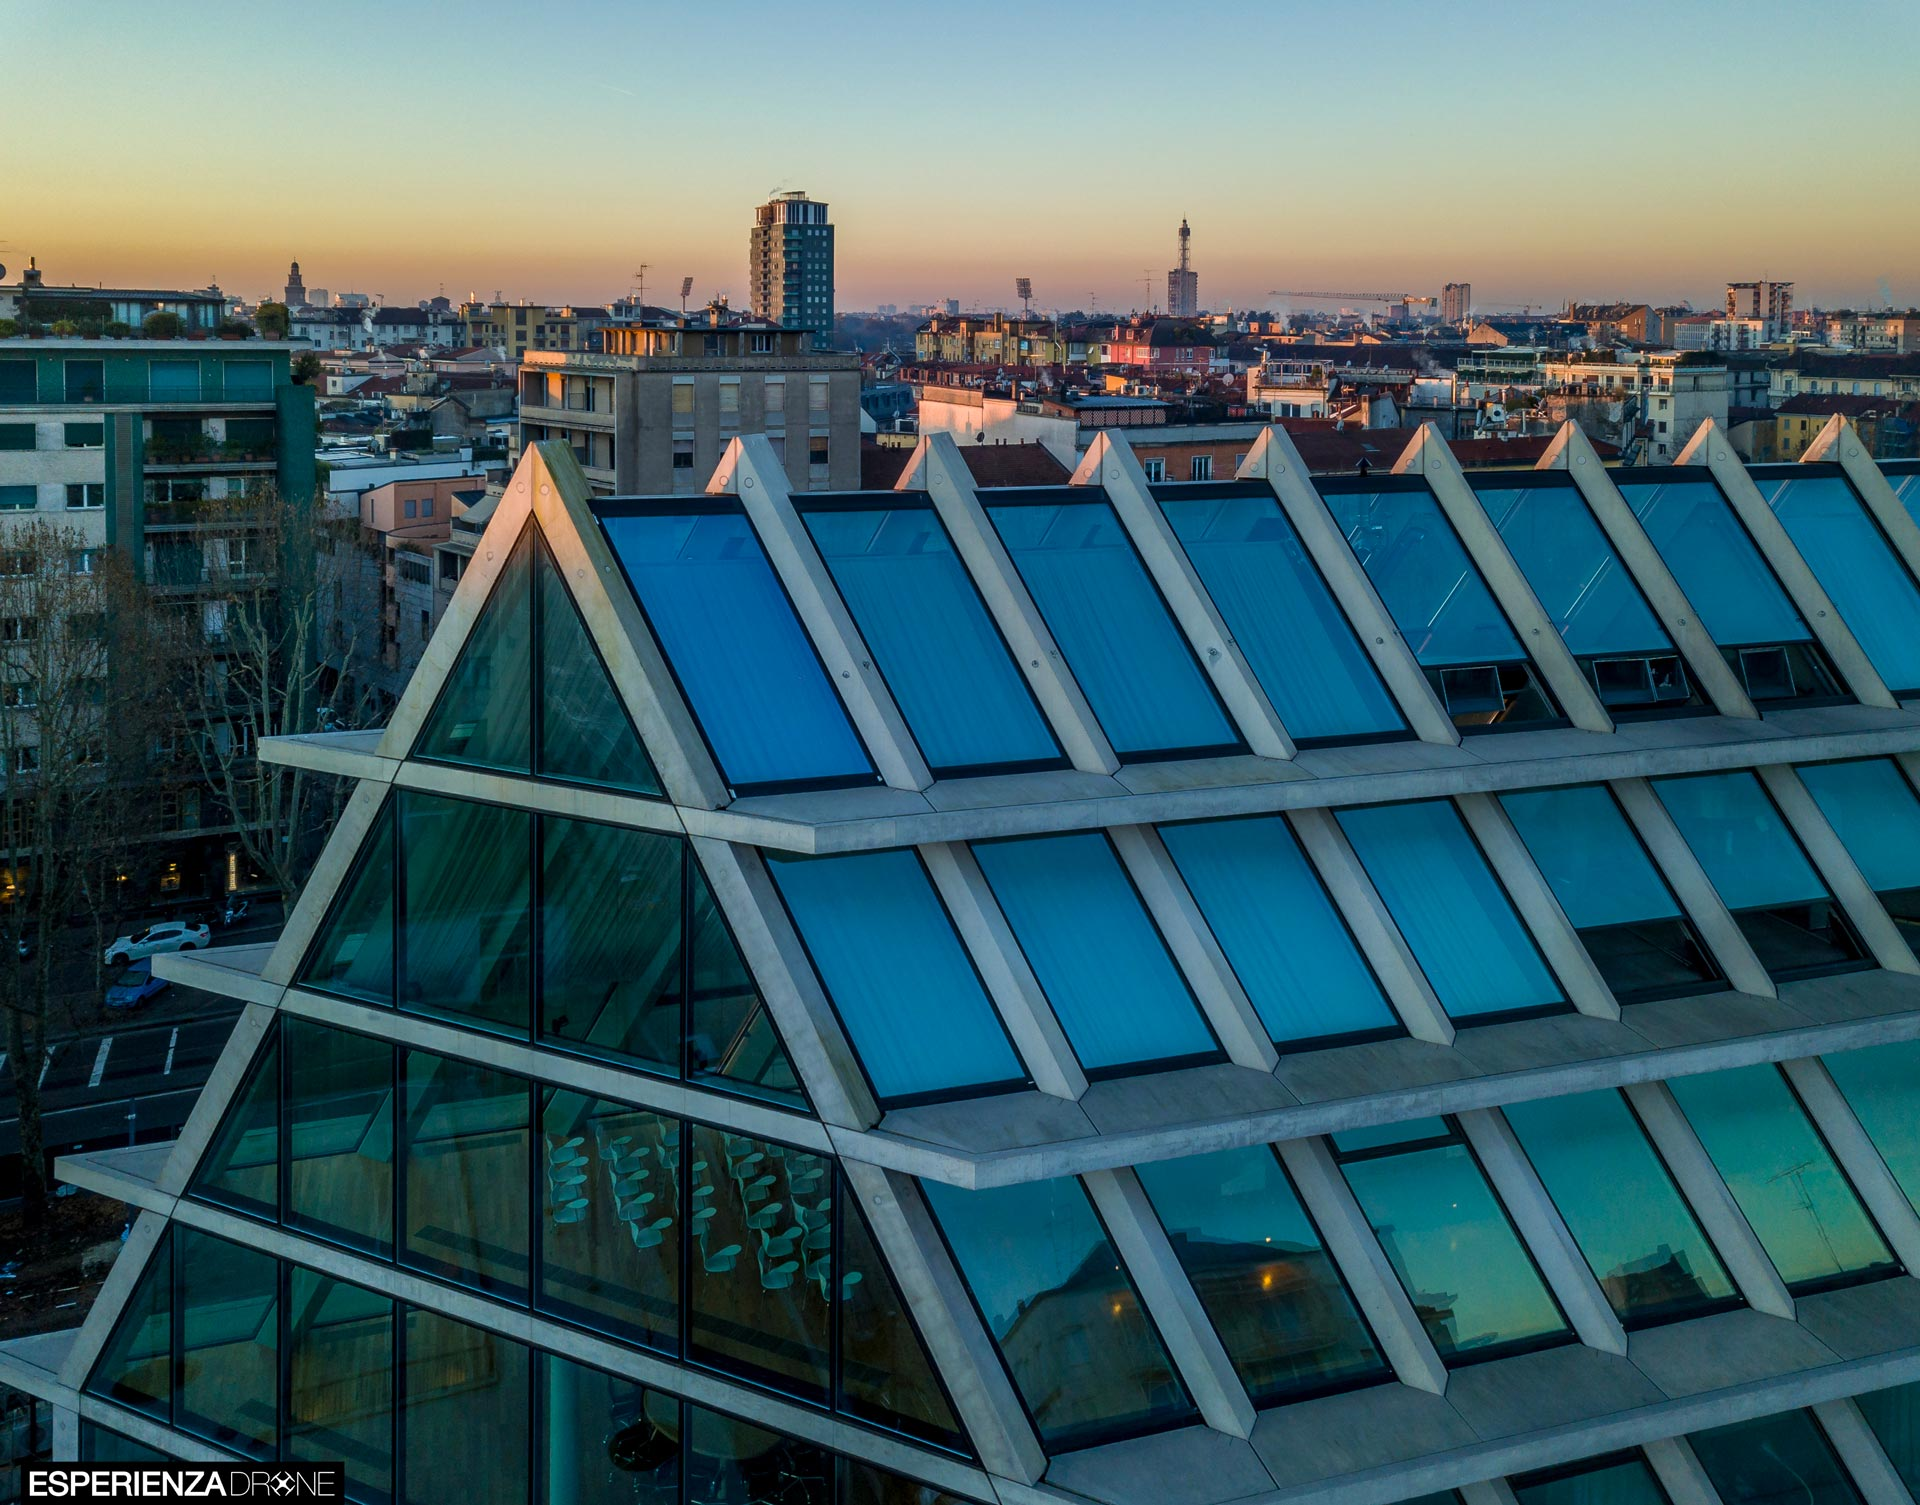 esperienza drone immagine portfolio architettura edificio feltrinelli tetto laterale panoramica milano 2.jpg